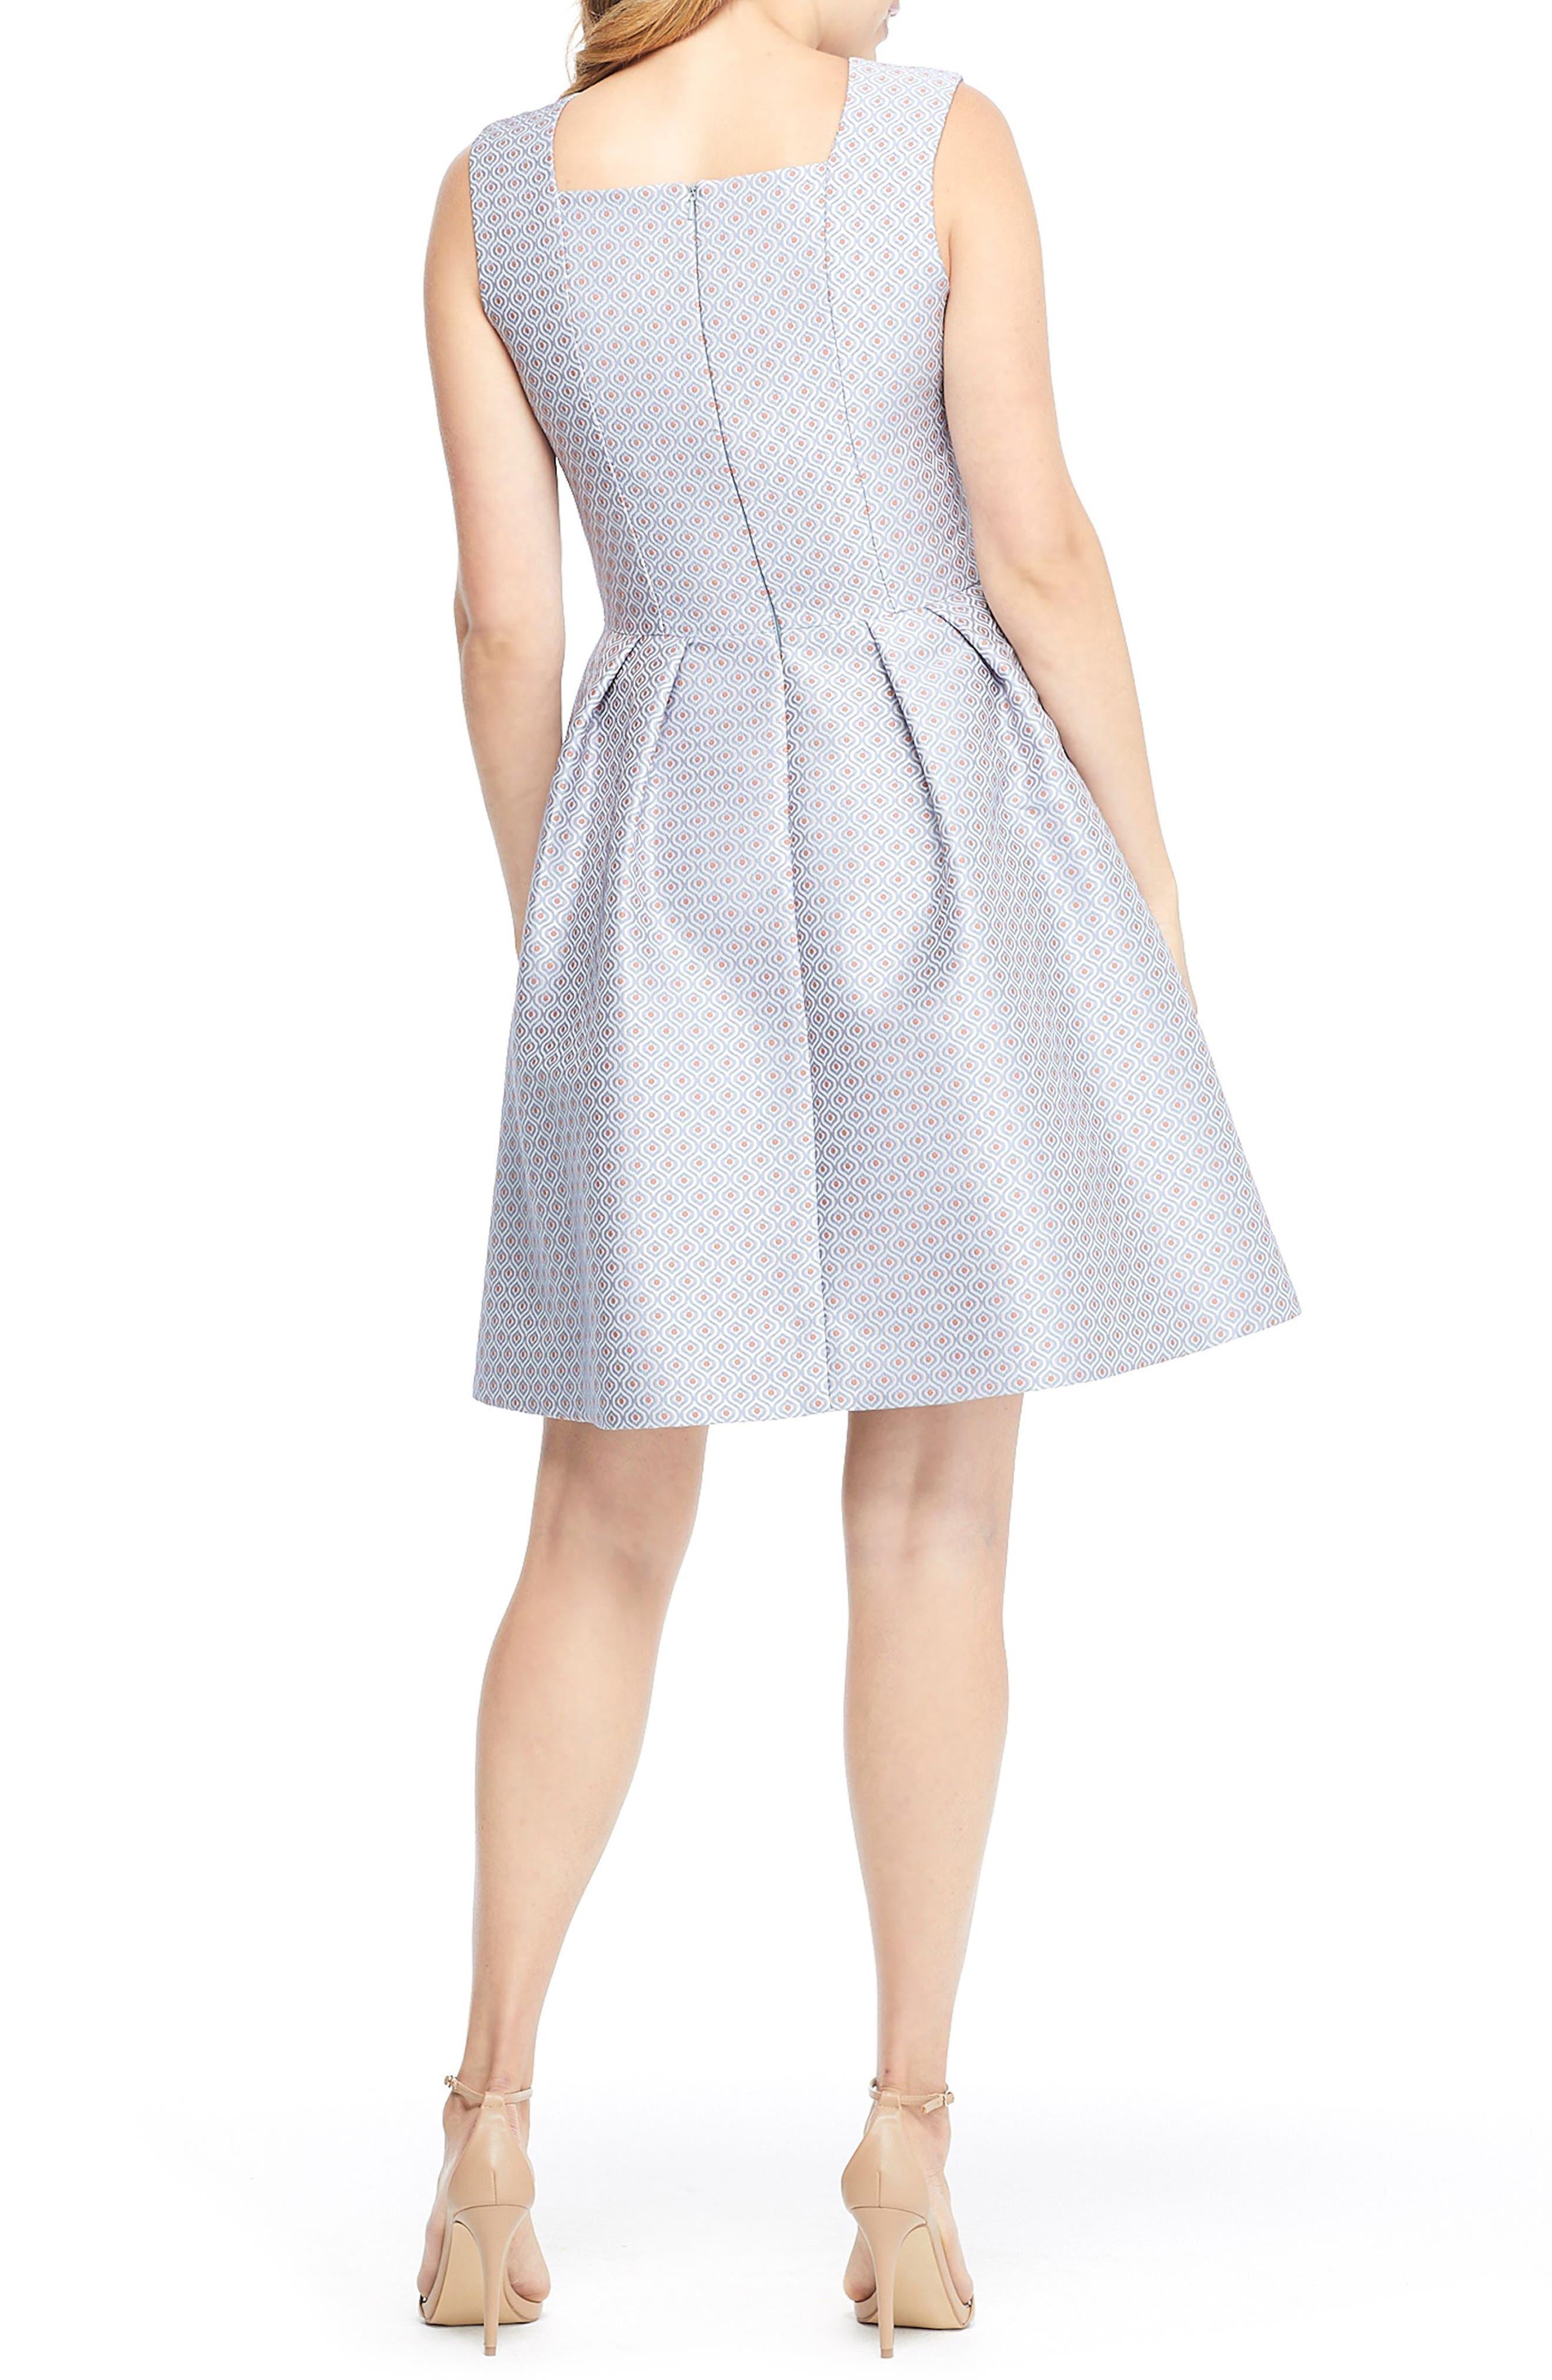 Cosette Jacquard Fit & Flare Dress,                             Alternate thumbnail 2, color,                             BLUE MULTI